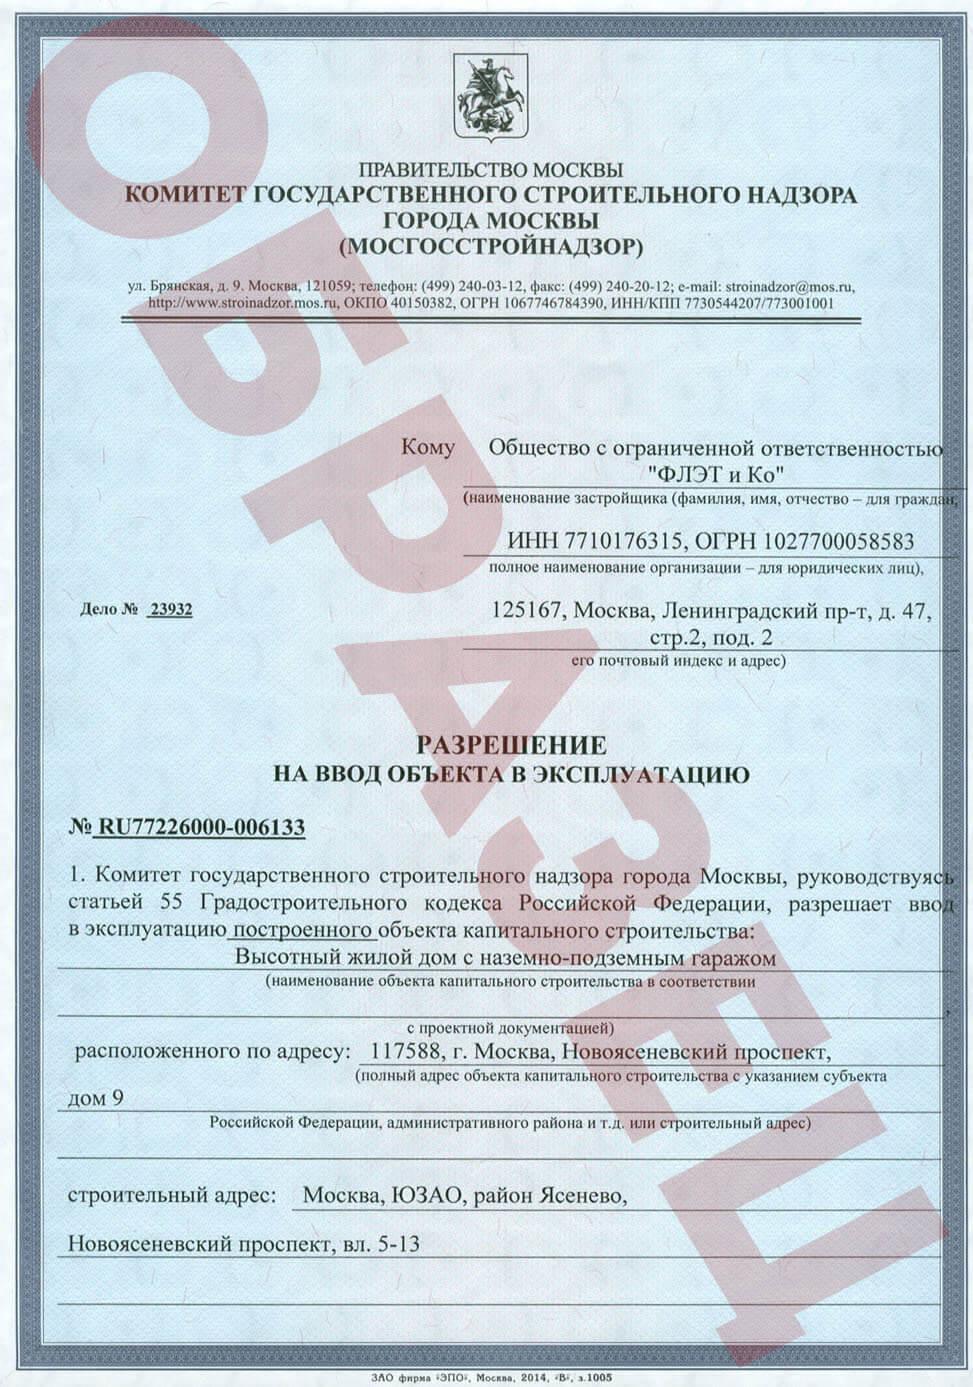 Заключение о соответствии является промежуточным документом. Им подтверждается, что на объекте завершены все работы по проекту.